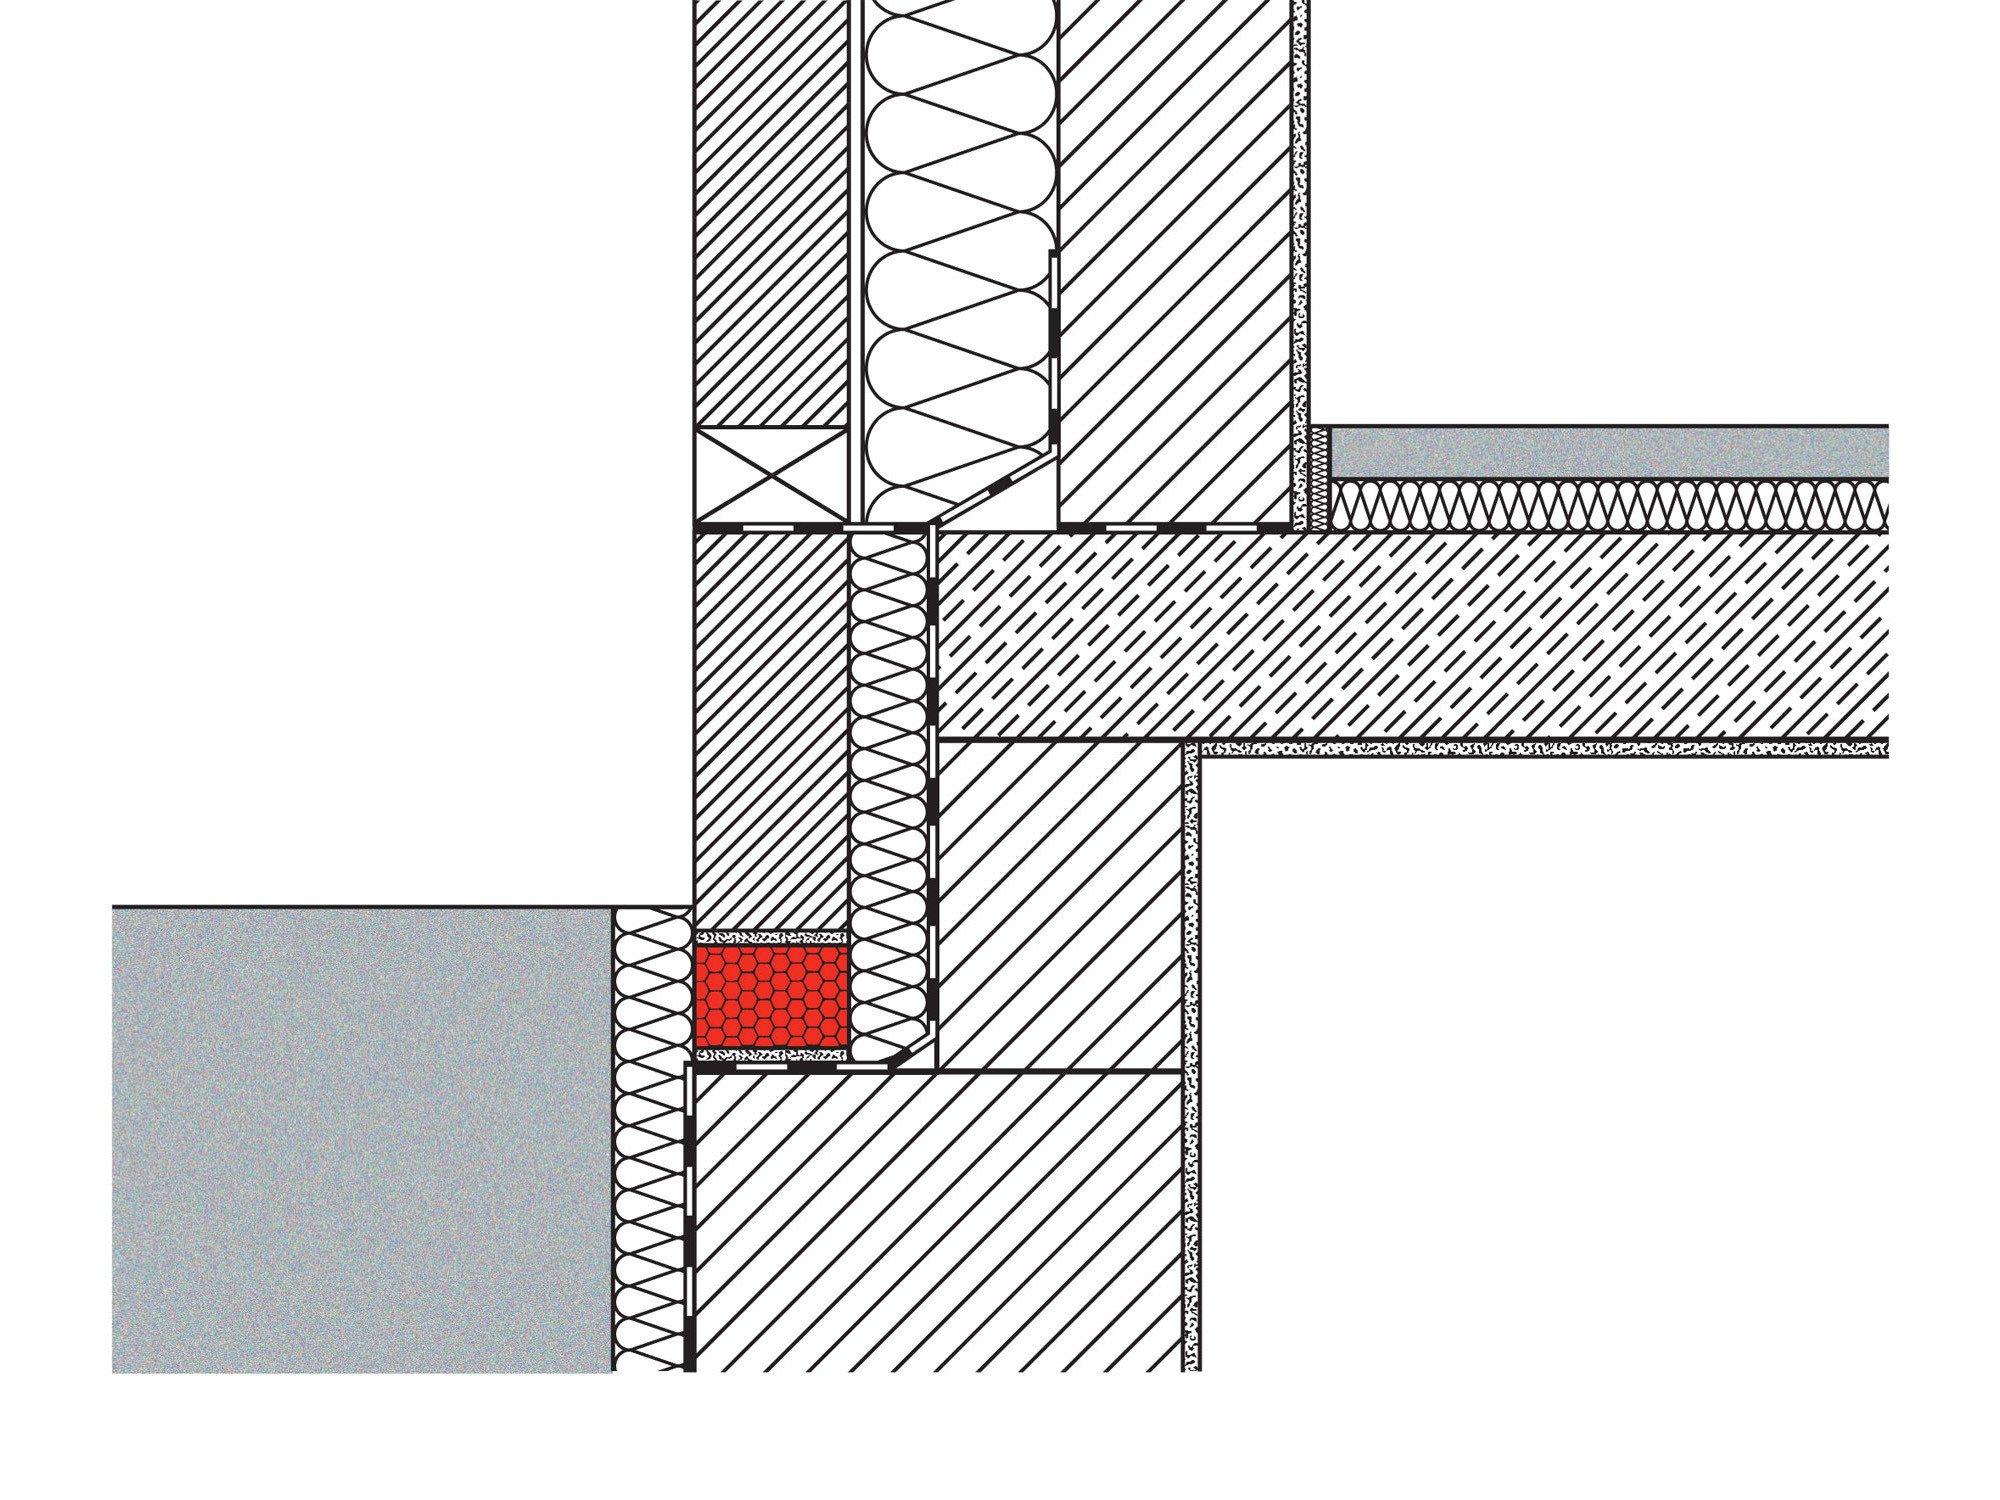 fu bodenaufbau keller keller tieferlegen und fussbodenaufbau mit heizung passt dieser fu. Black Bedroom Furniture Sets. Home Design Ideas